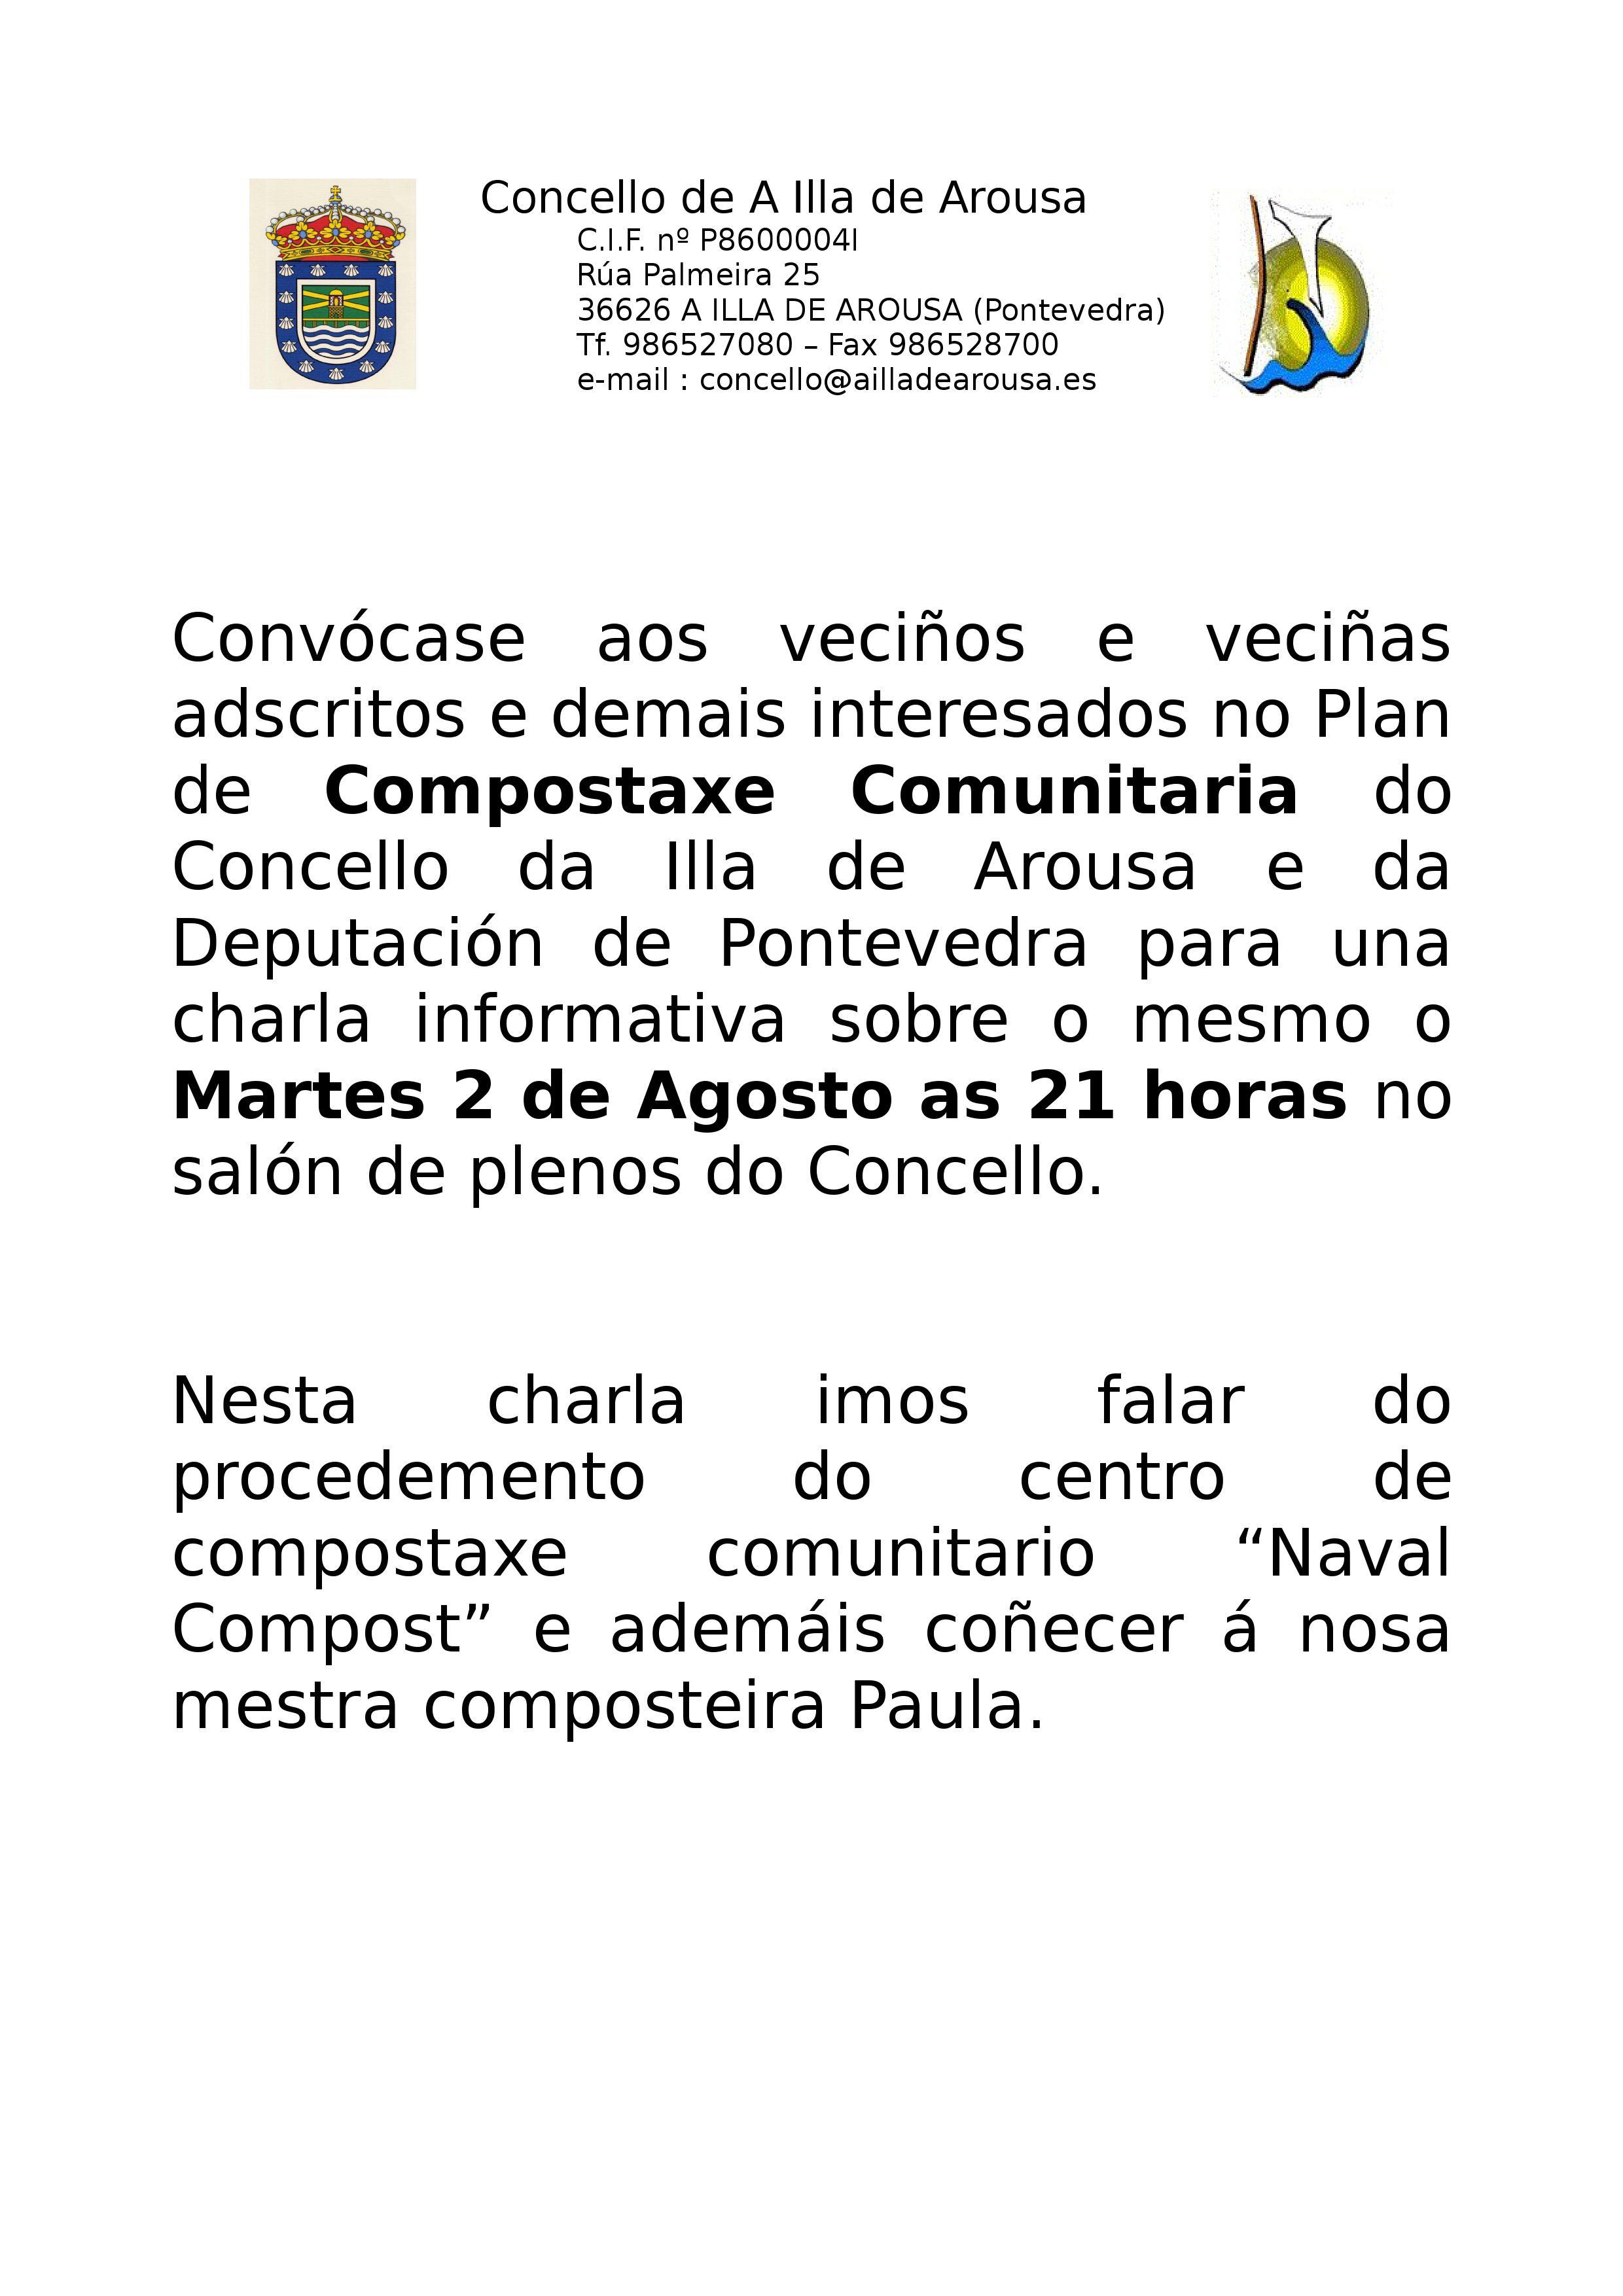 CHARLA INFORMATIVA COMPOSTAXE COMUNITARIO